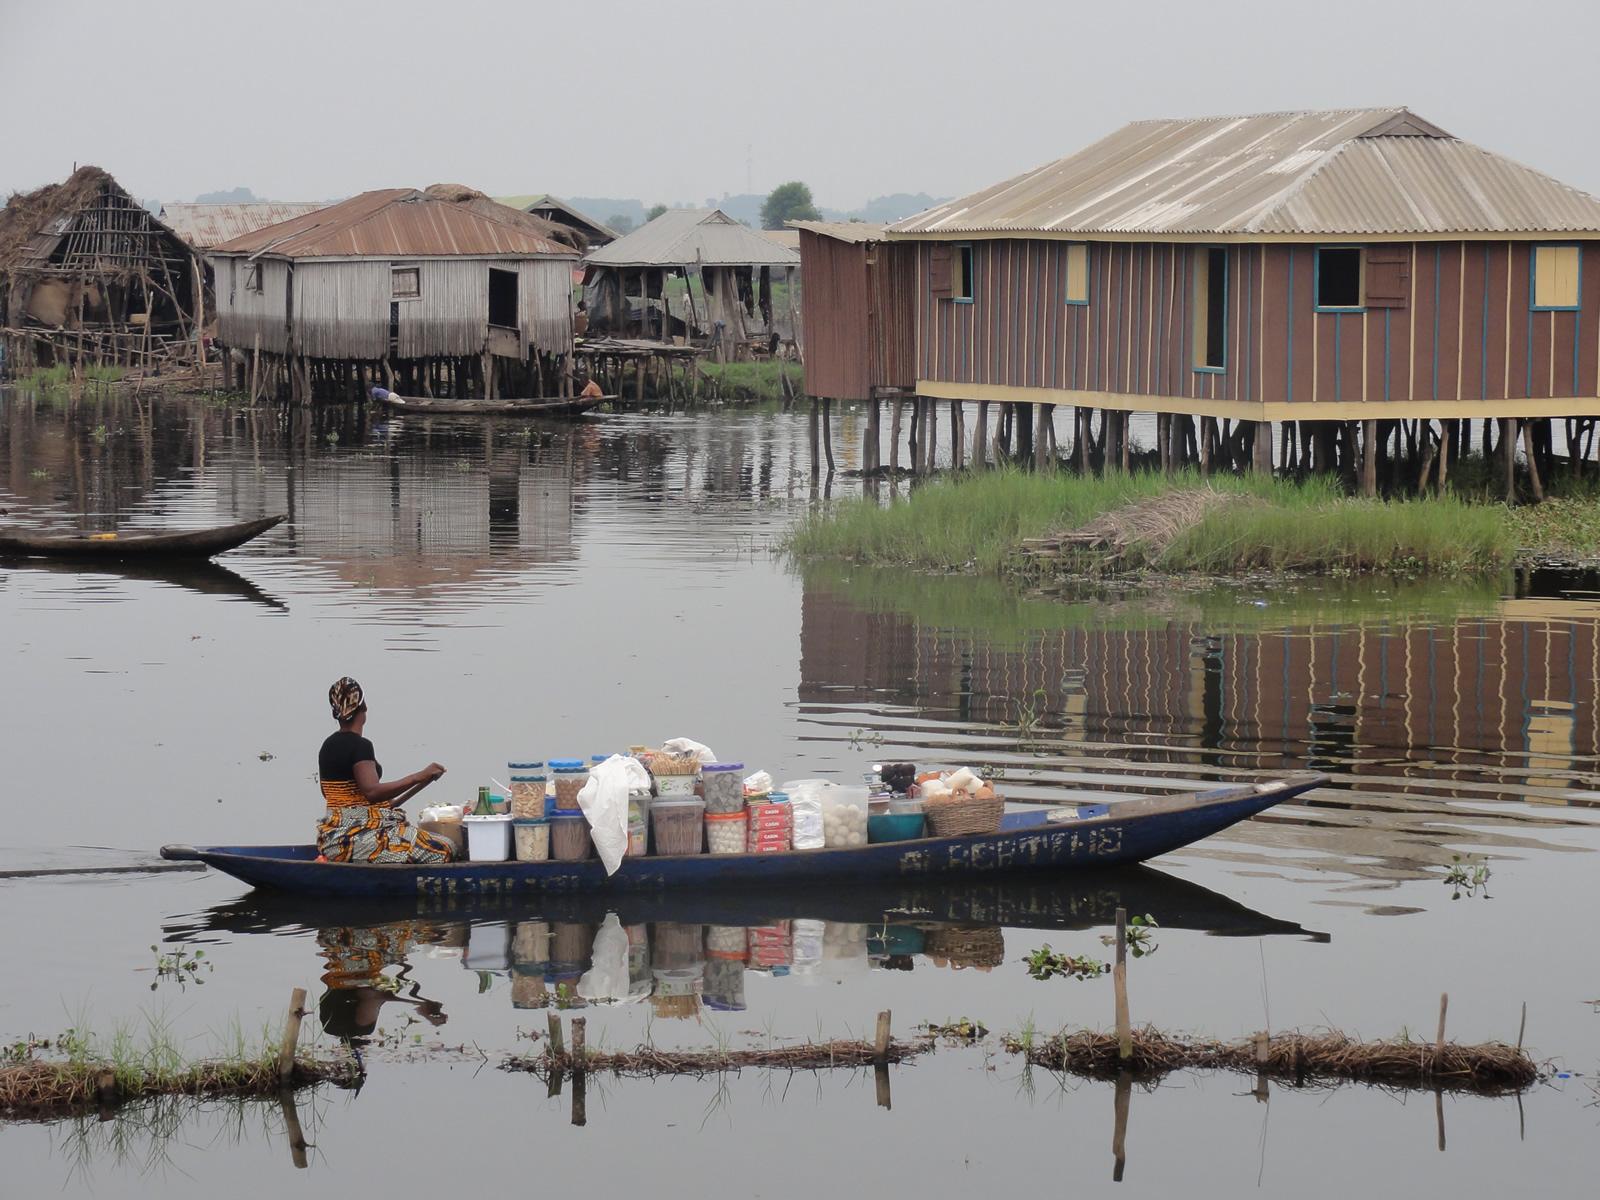 Village sur l'eau, Bénin